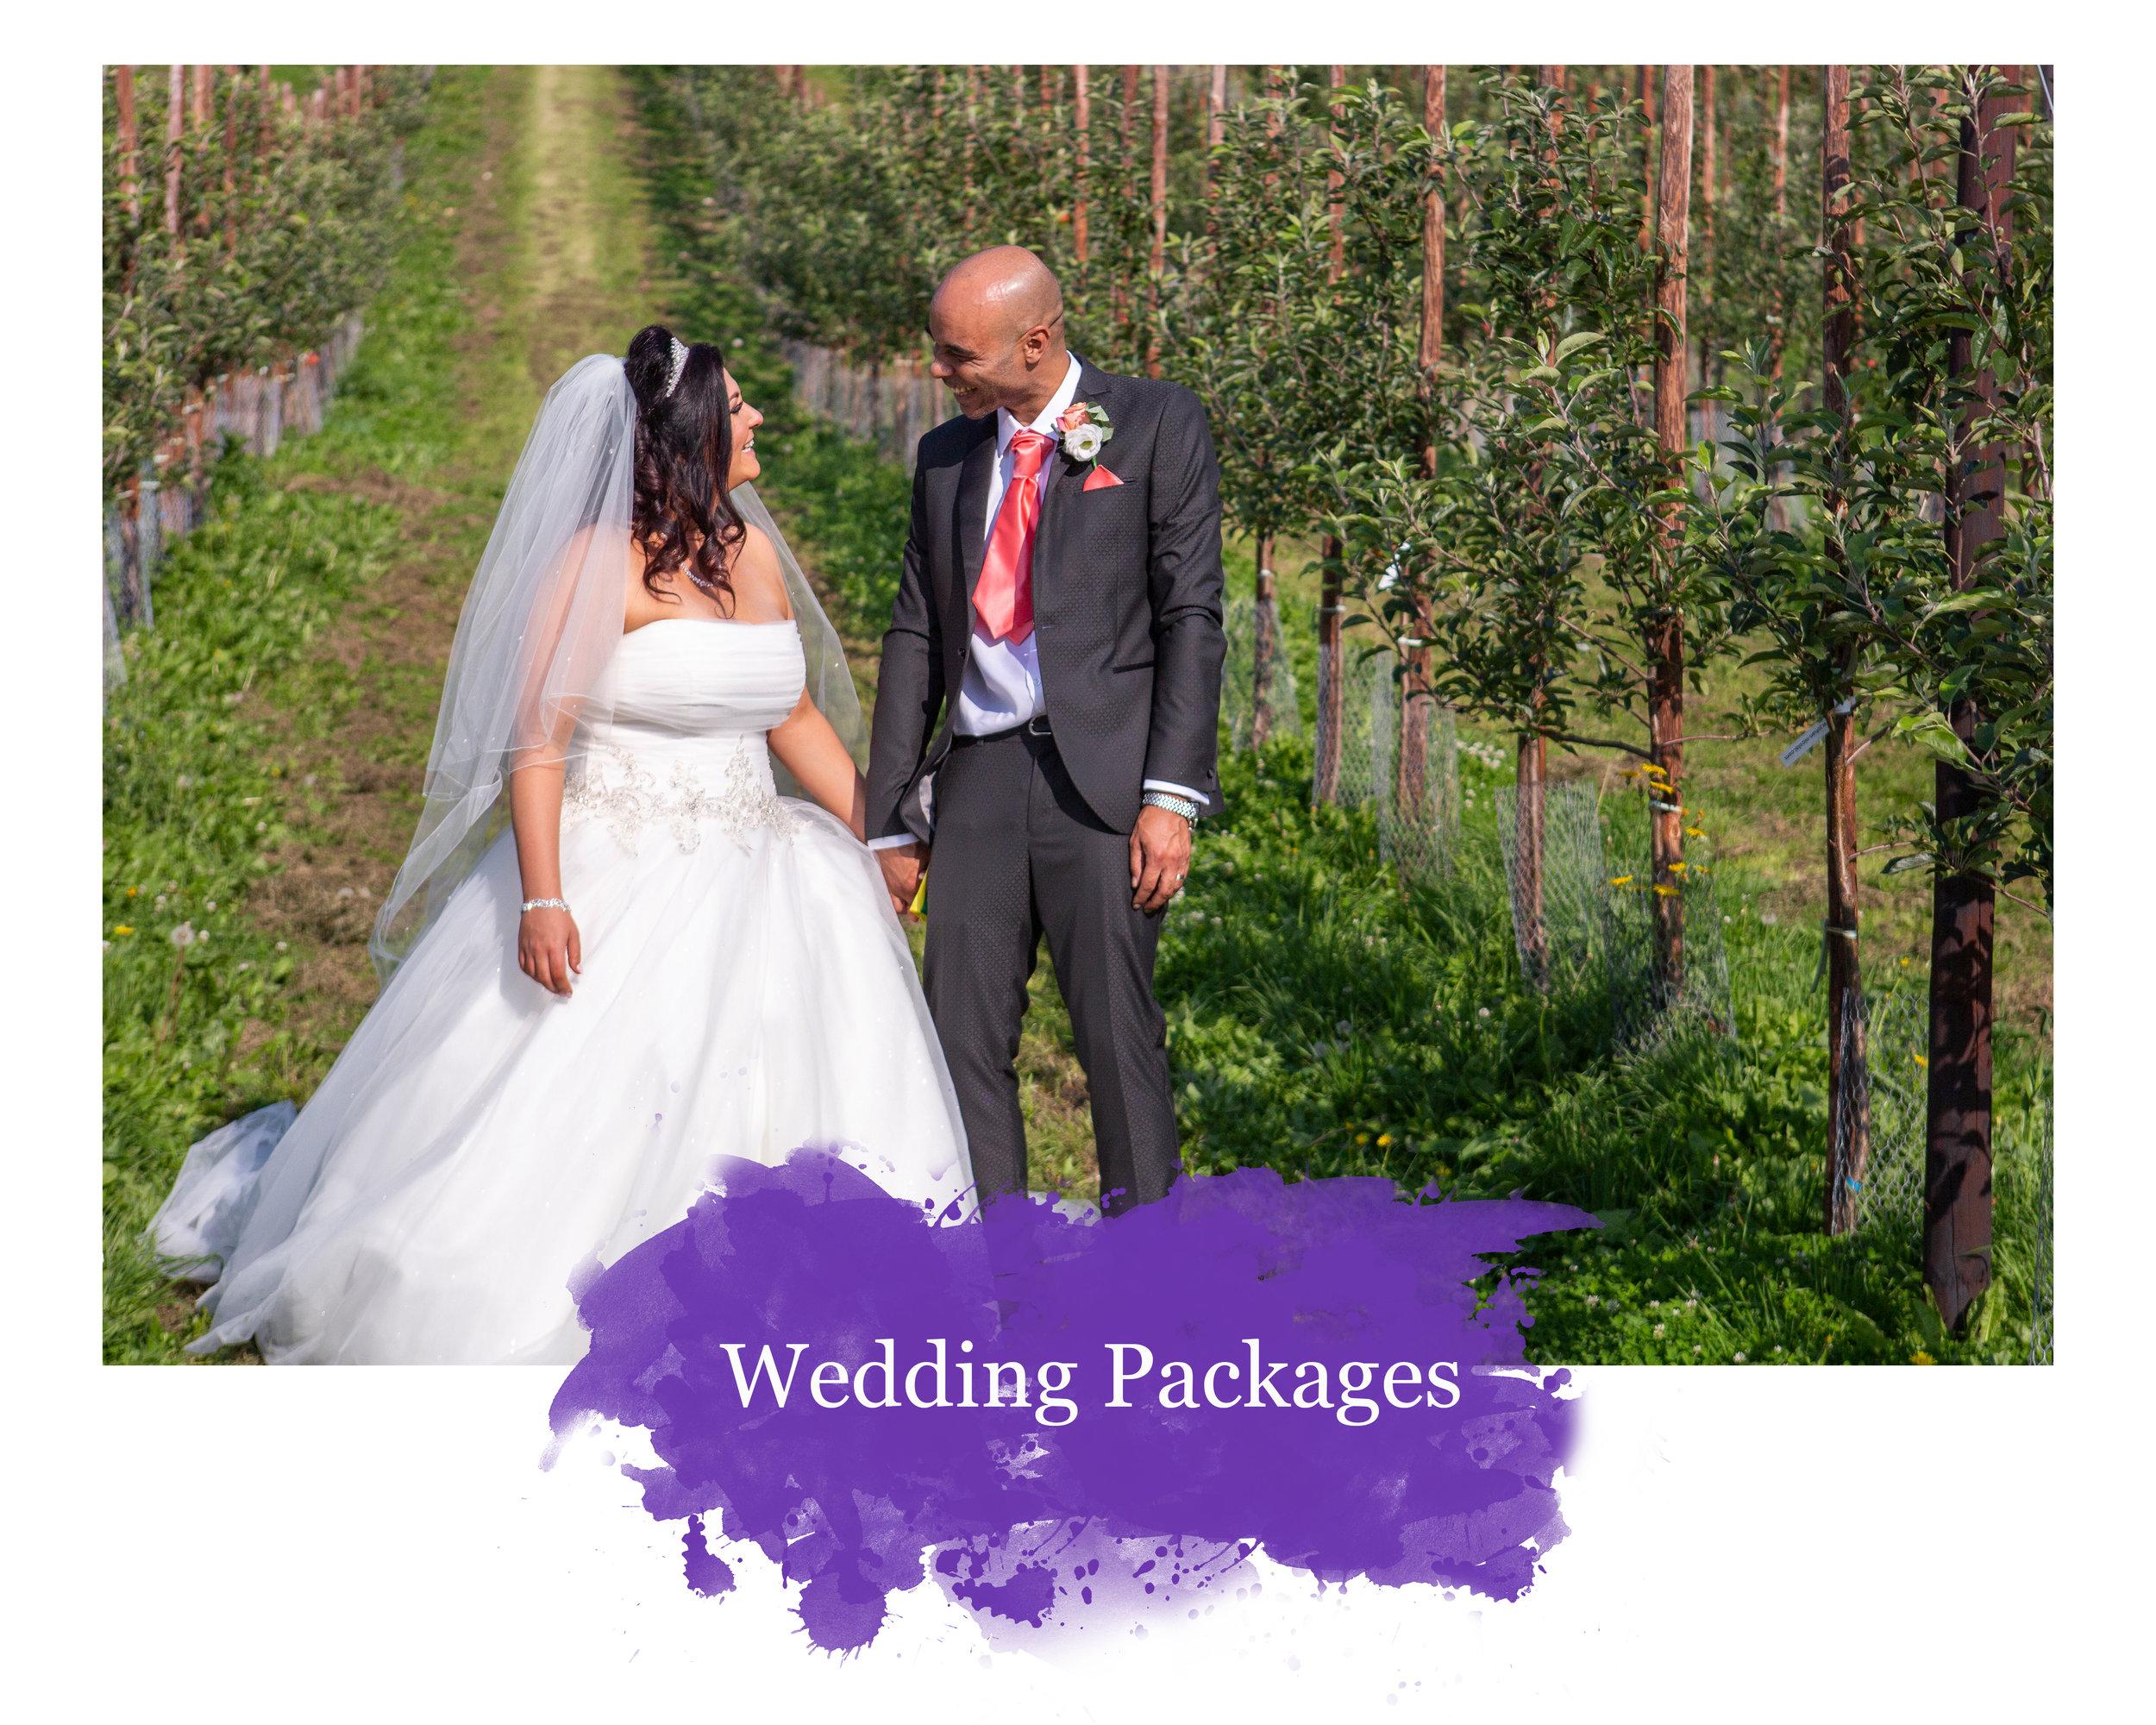 wedding packages.jpg